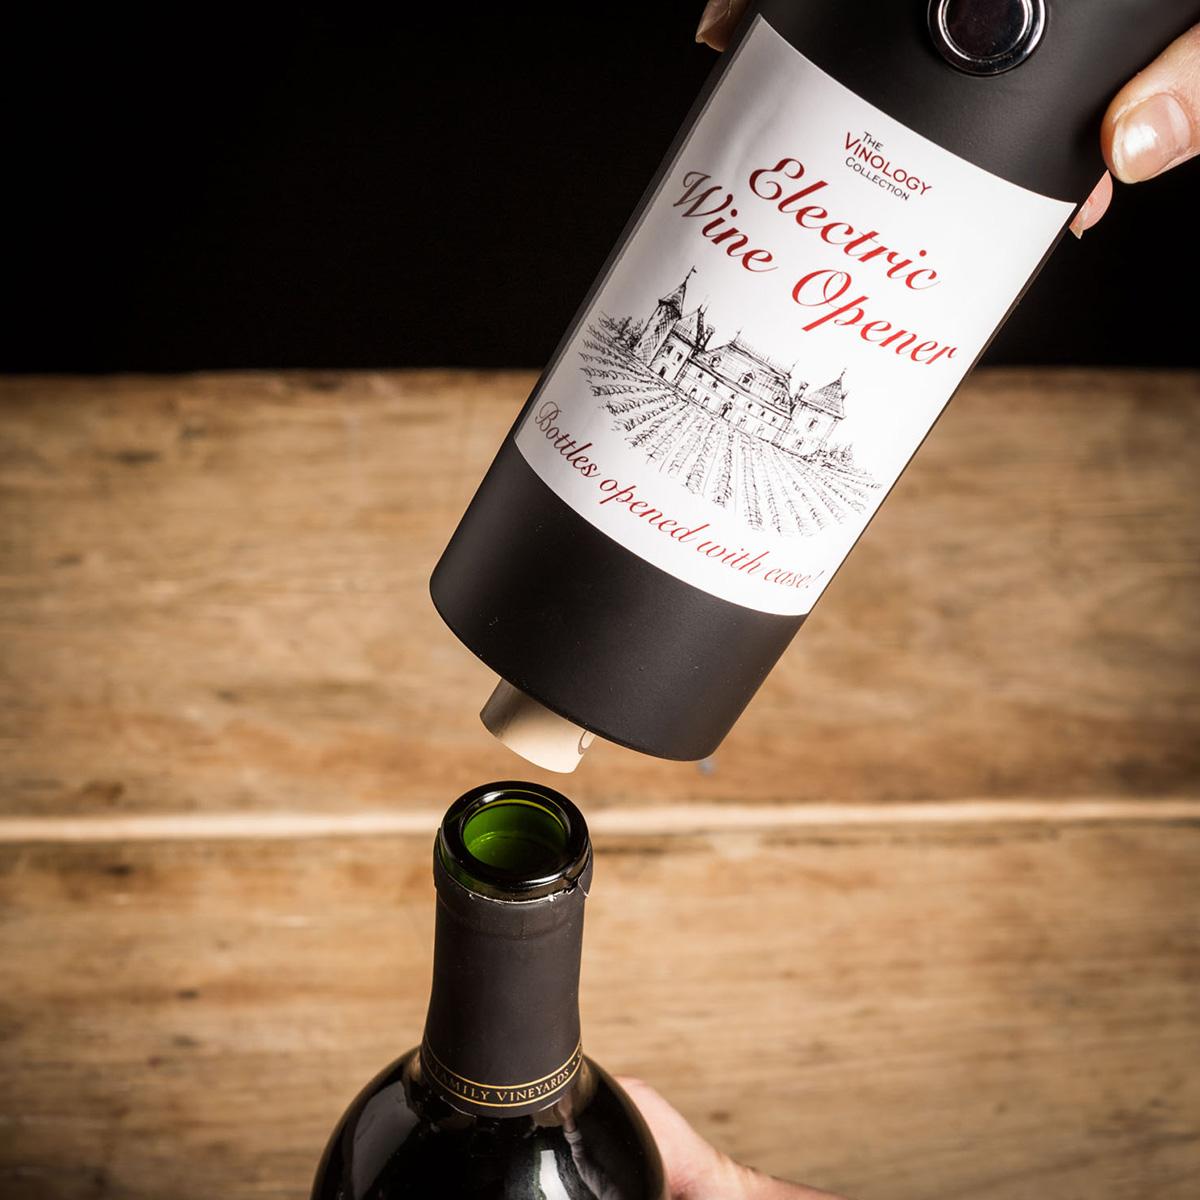 Elektrische wijnopener in wijnfles design